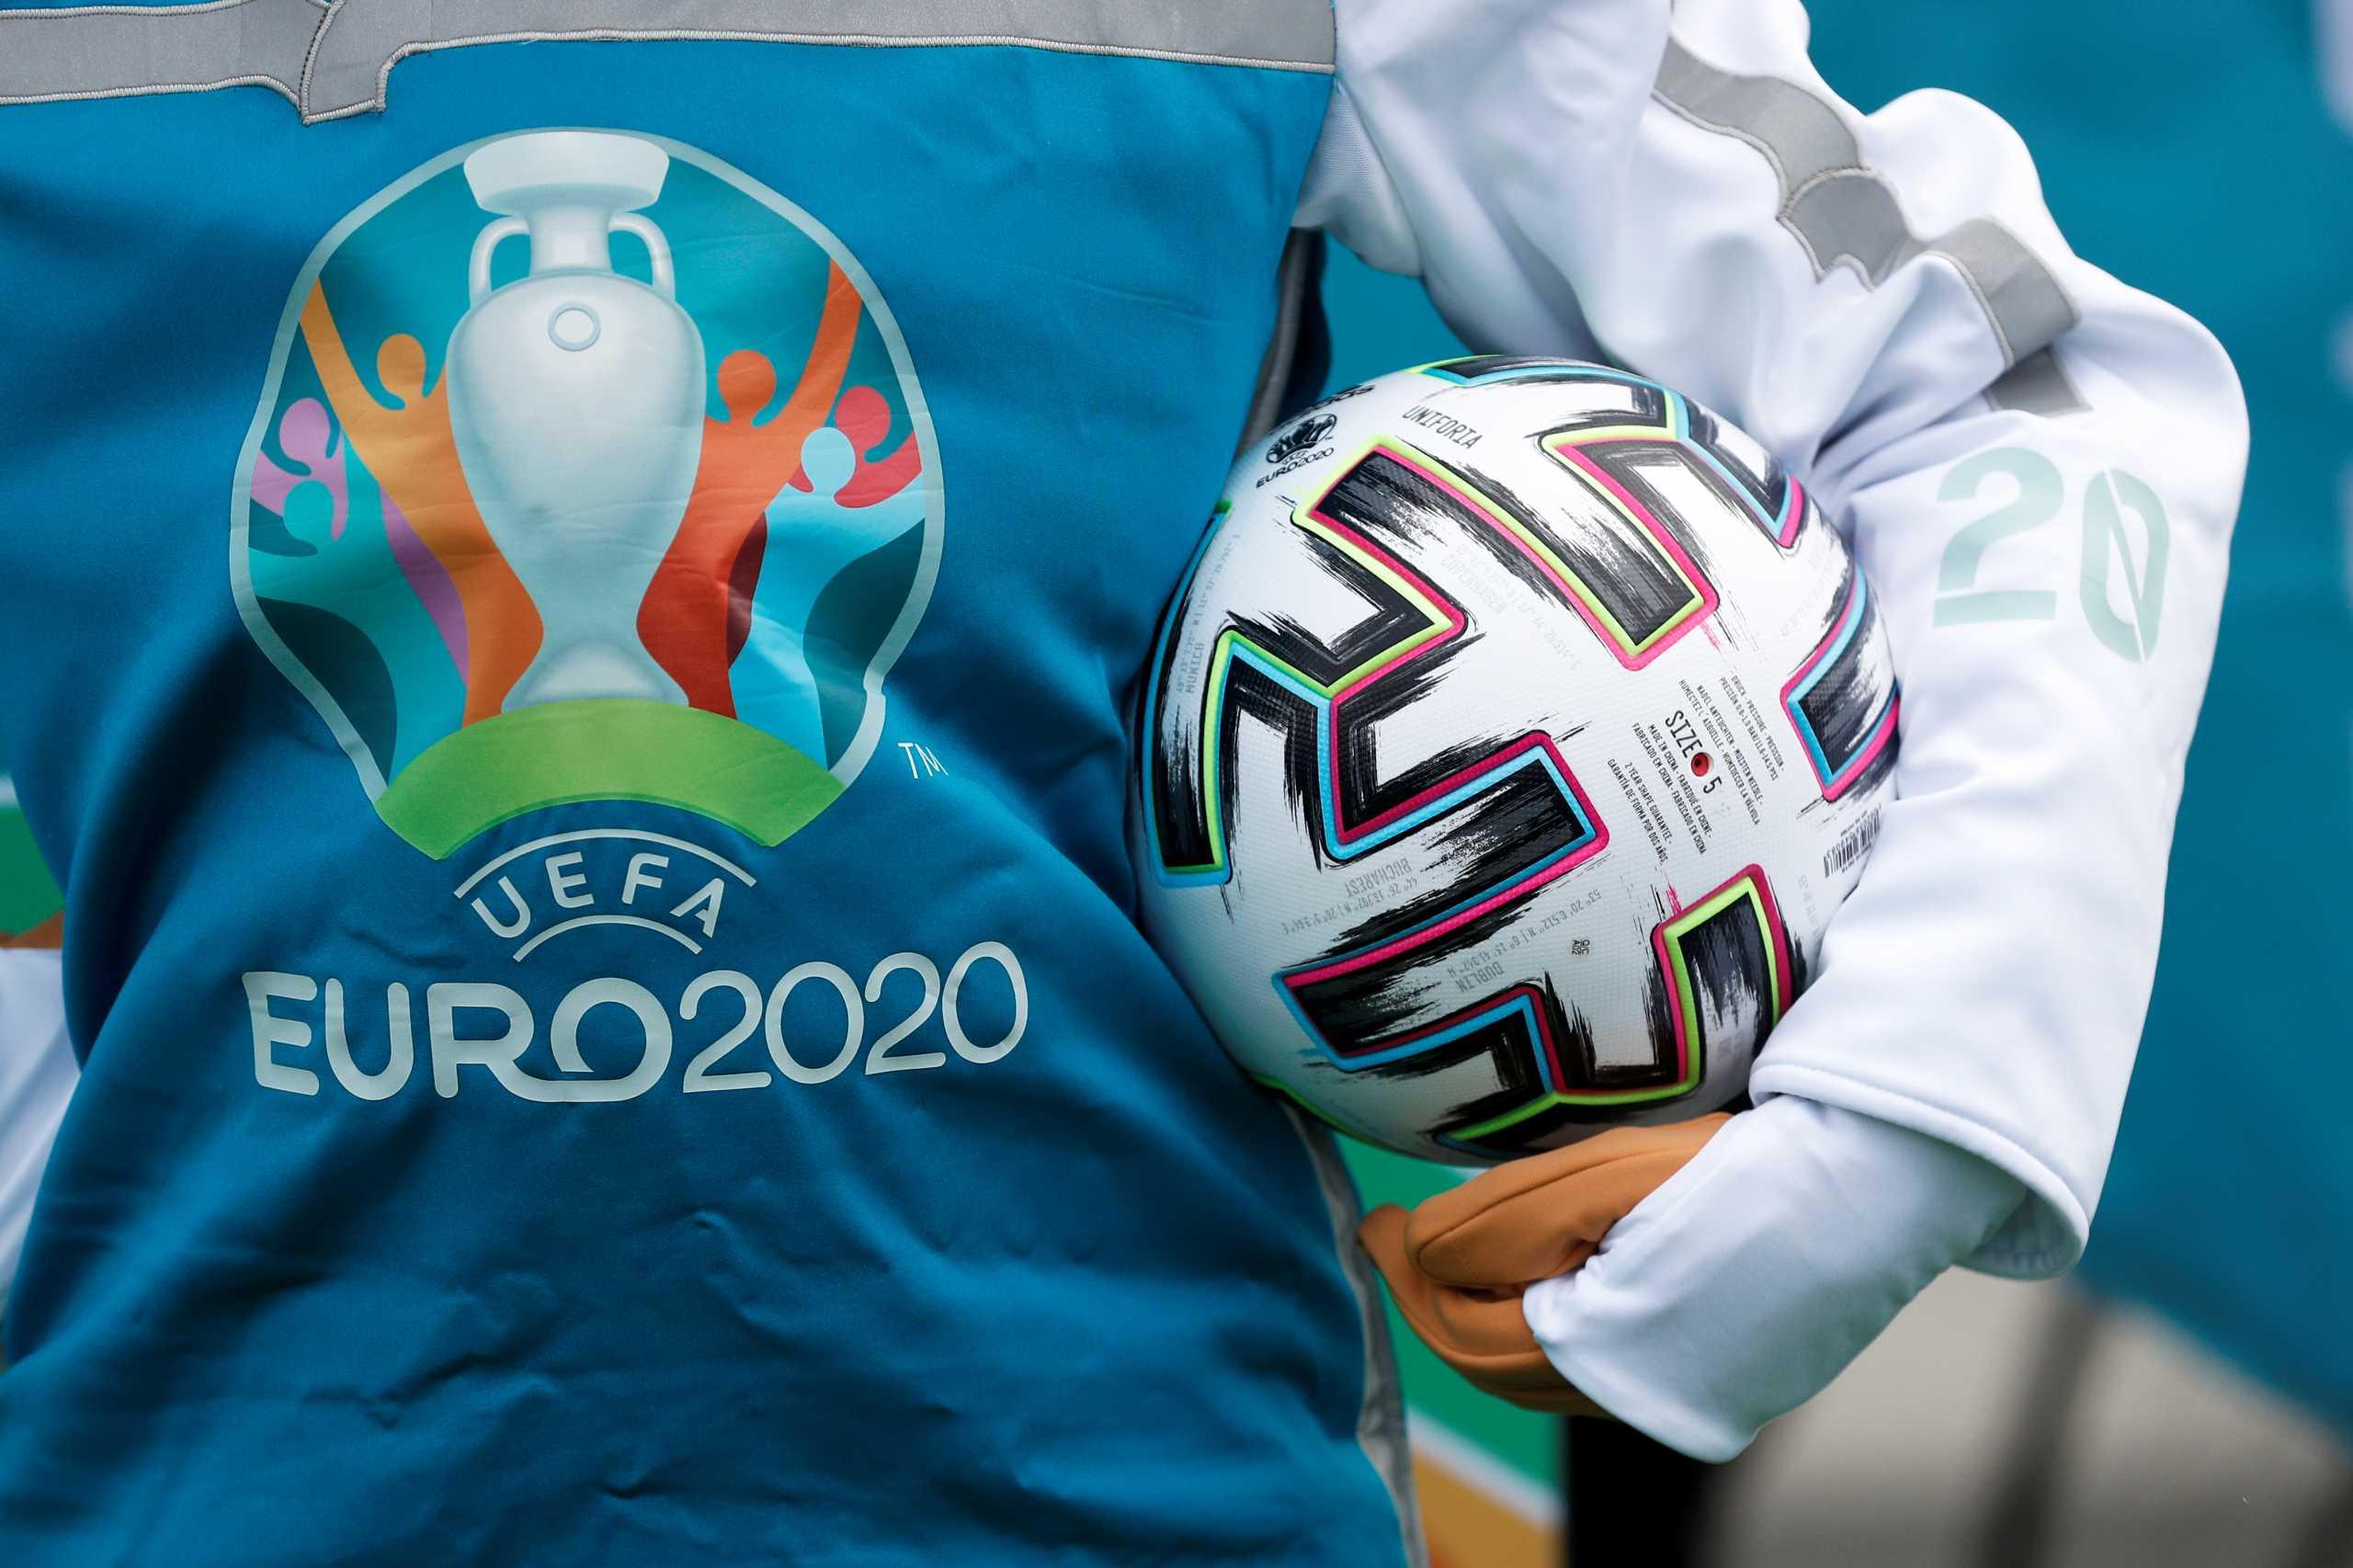 Η ελληνική παρουσία στον τελικό του Euro 2020